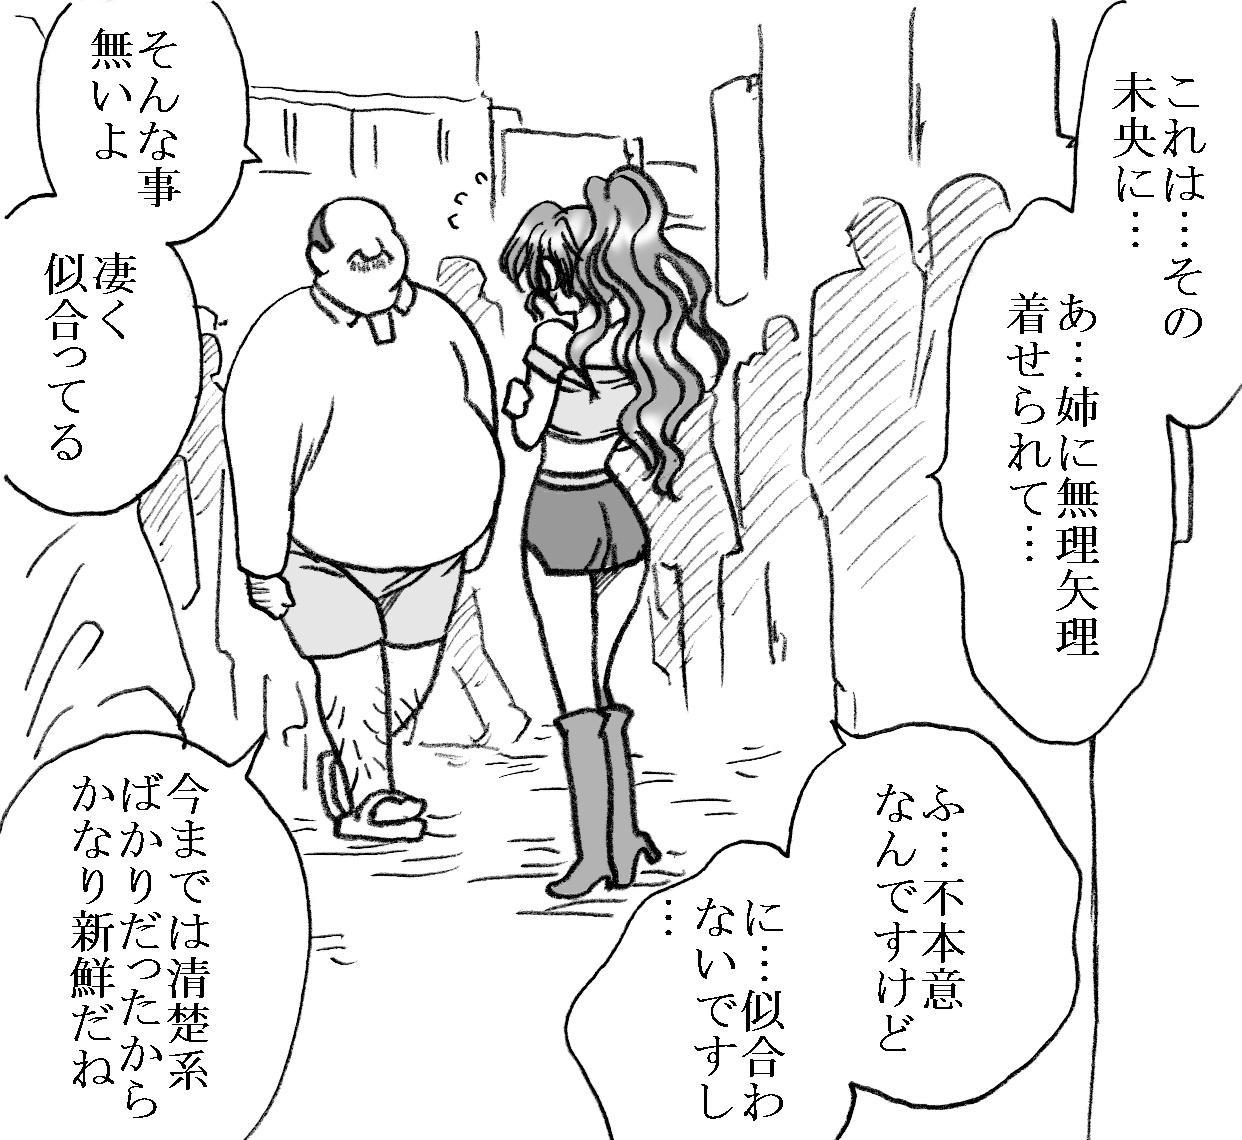 Mika-chan, Chichioya yori mo Toshiue no Ojisama to Ecchi sono 4 1